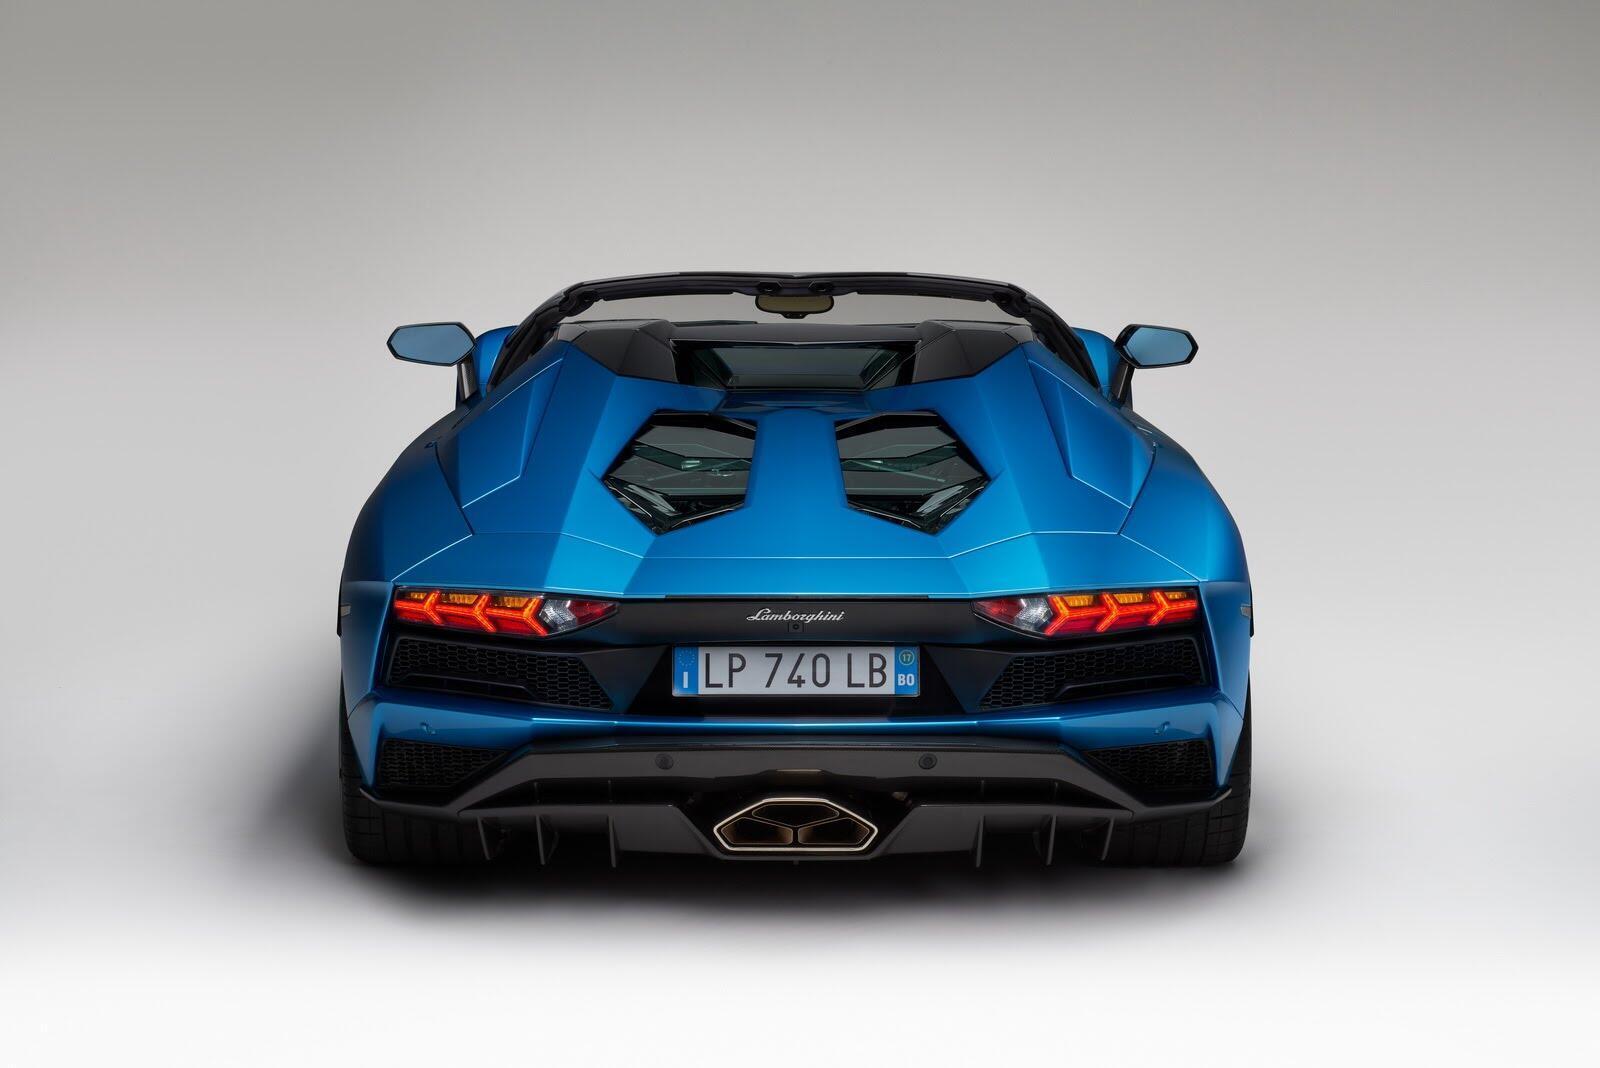 Siêu xe Lamborghini Aventador S Roadster chính thức trình làng - Hình 4